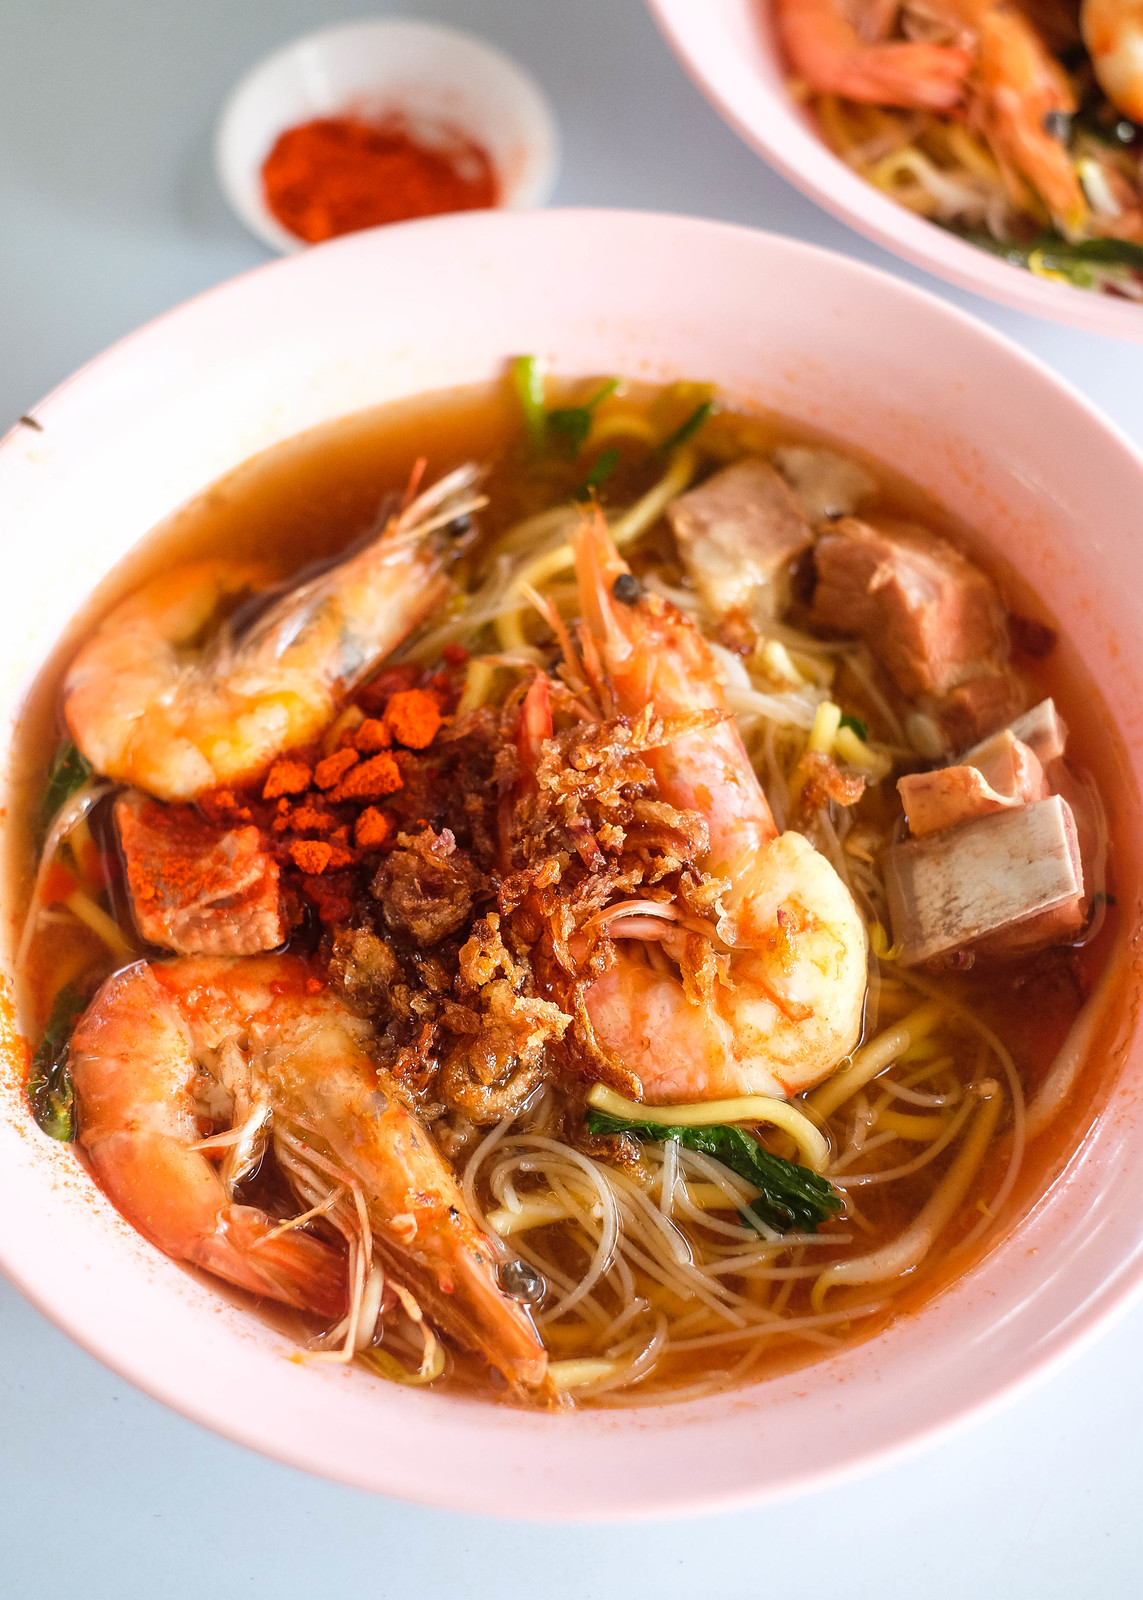 Bowl of Prawn Noodle Soup by Joo Chiat Prawn Mee